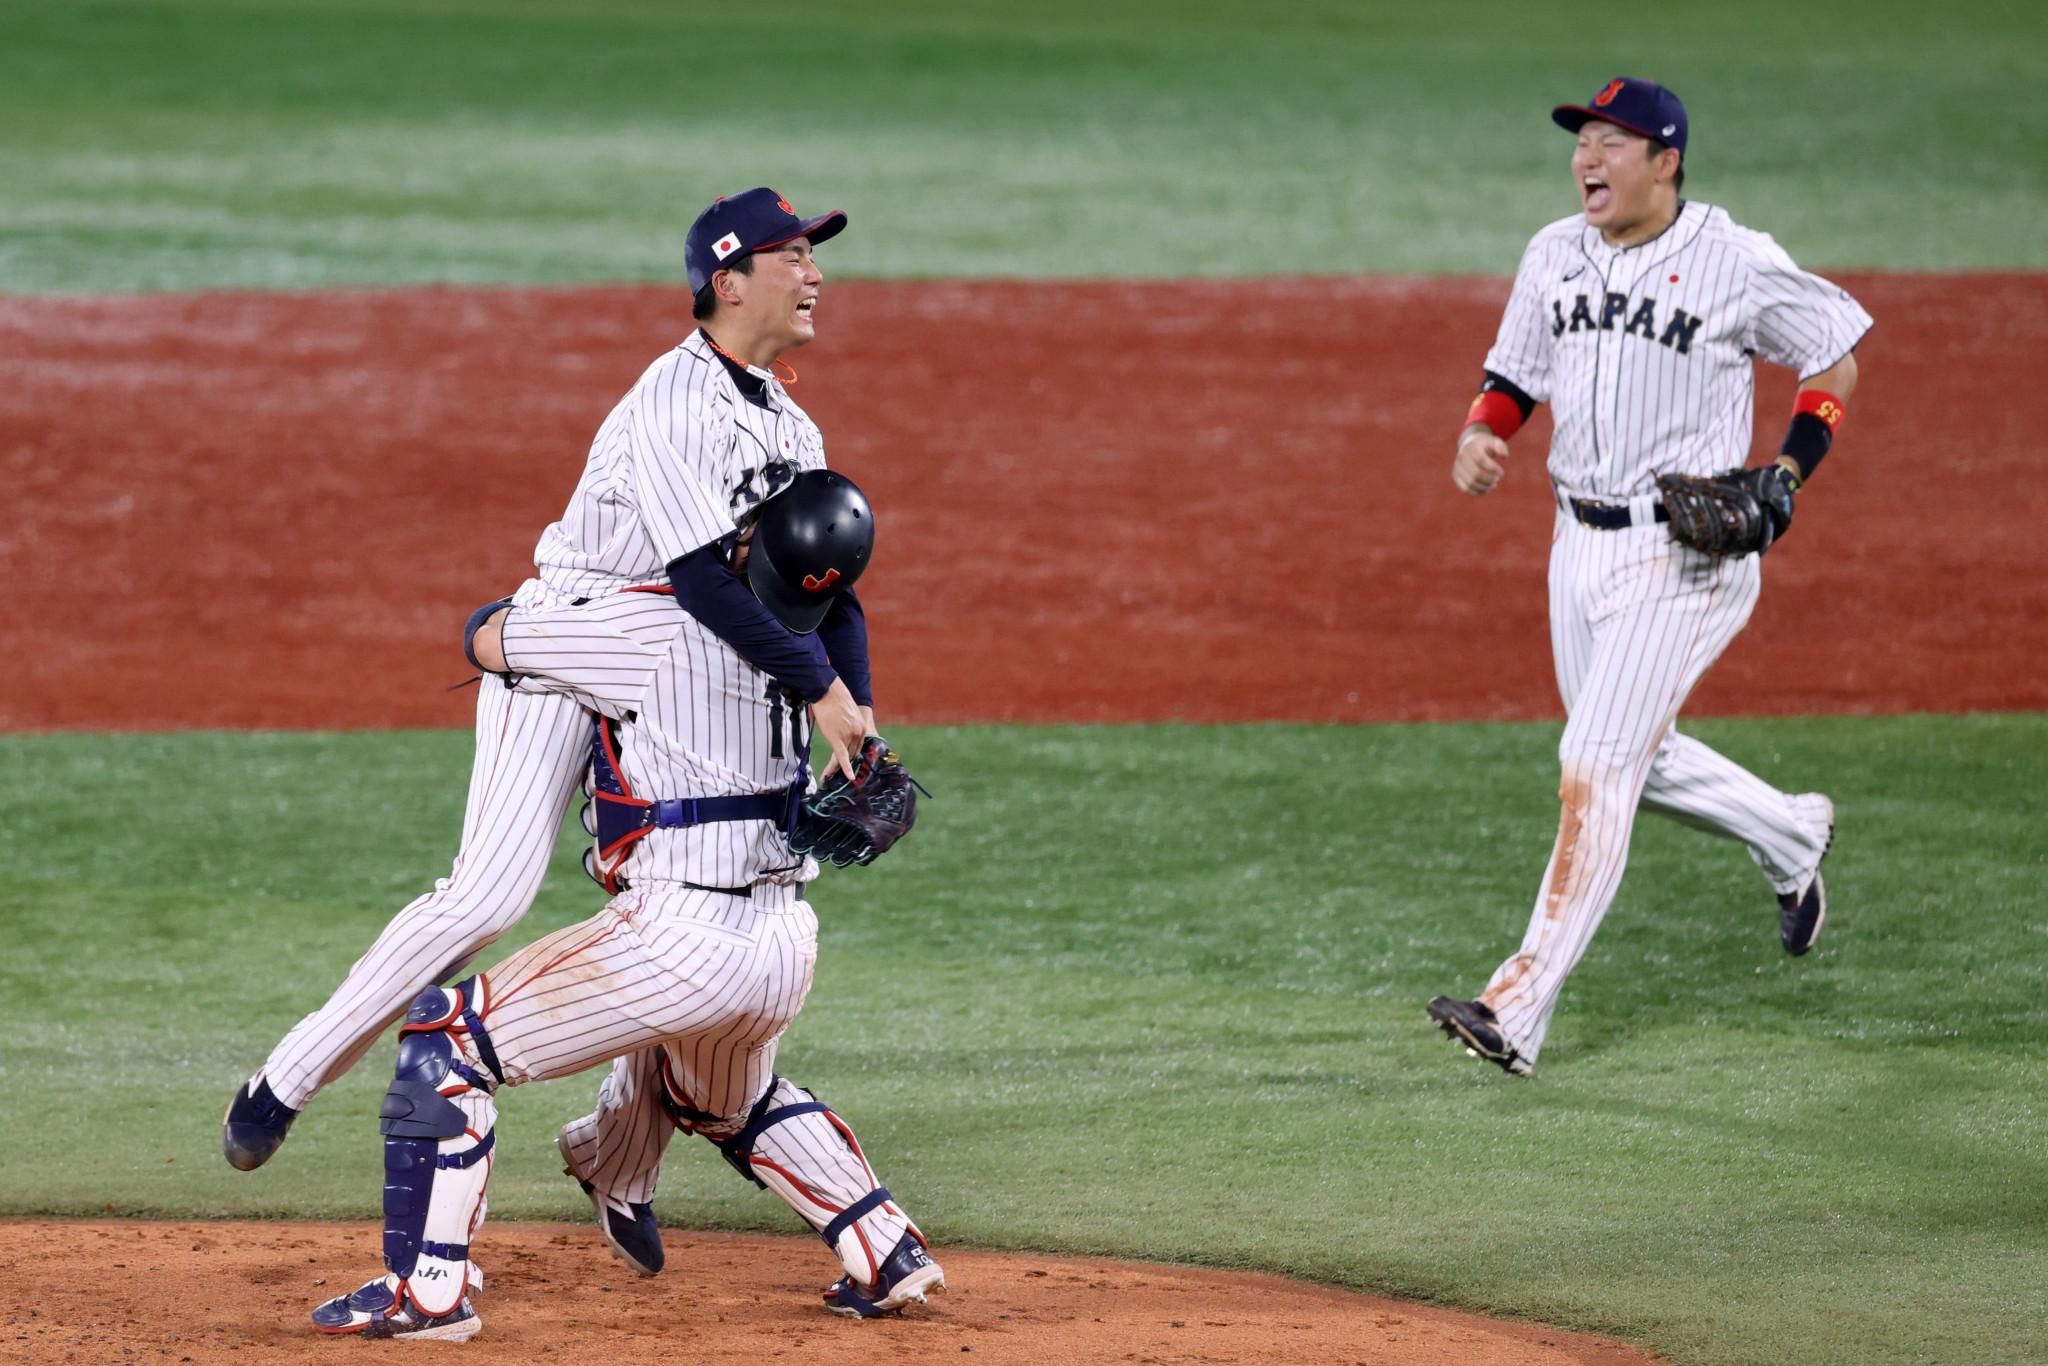 日本の野球チームはアメリカを破り、オリンピックチャンピオンに輝いたことを嬉しく思います。